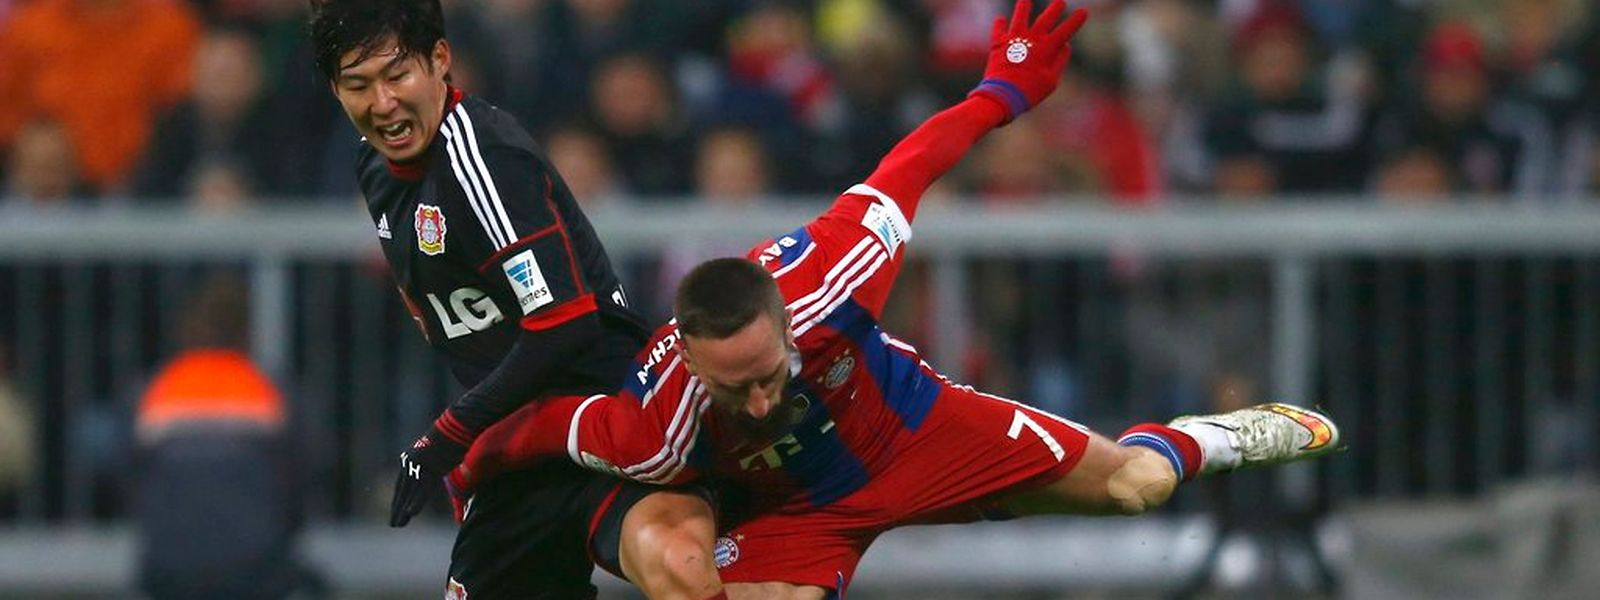 Für den achten Sieg im achten Heimspiel sorgte Franck Ribéry (51. ), der durch seinen 186. Einsatz nun der Franzose mit den meisten Bundesligaspielen ist.